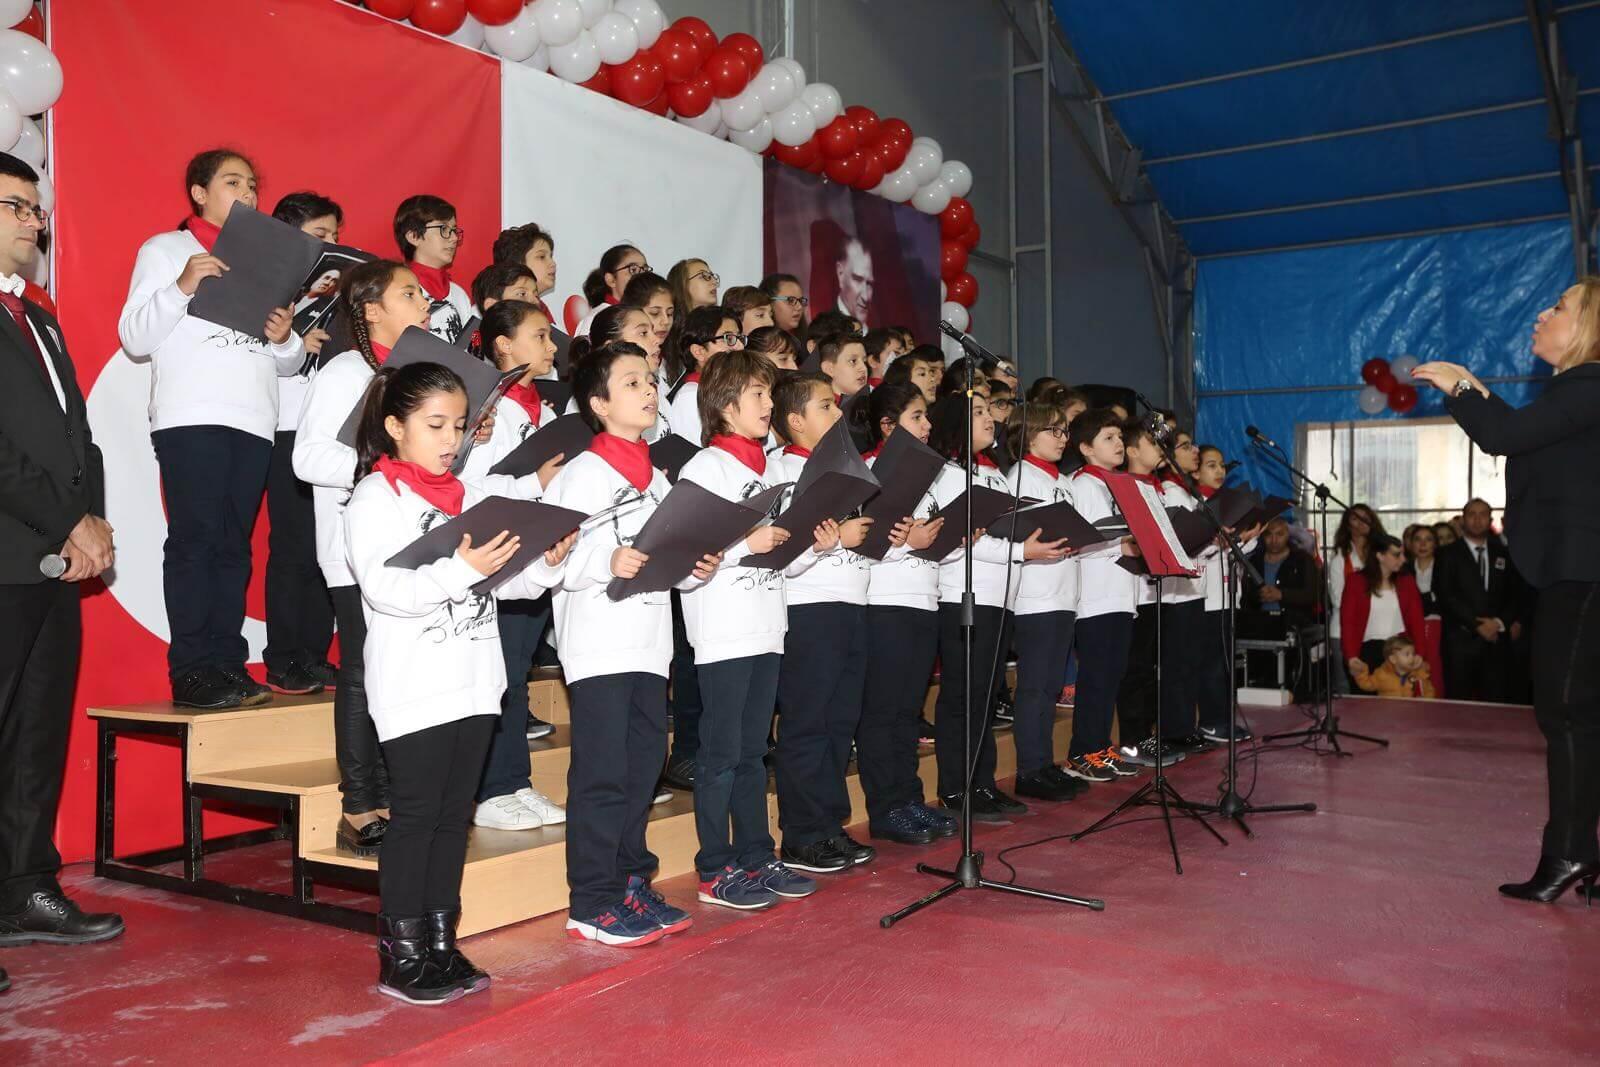 Biltes Koleji - Cumhuriyetimizin 94. Yıldönümü Okulumuzdaki Törenlerle Kutlandı